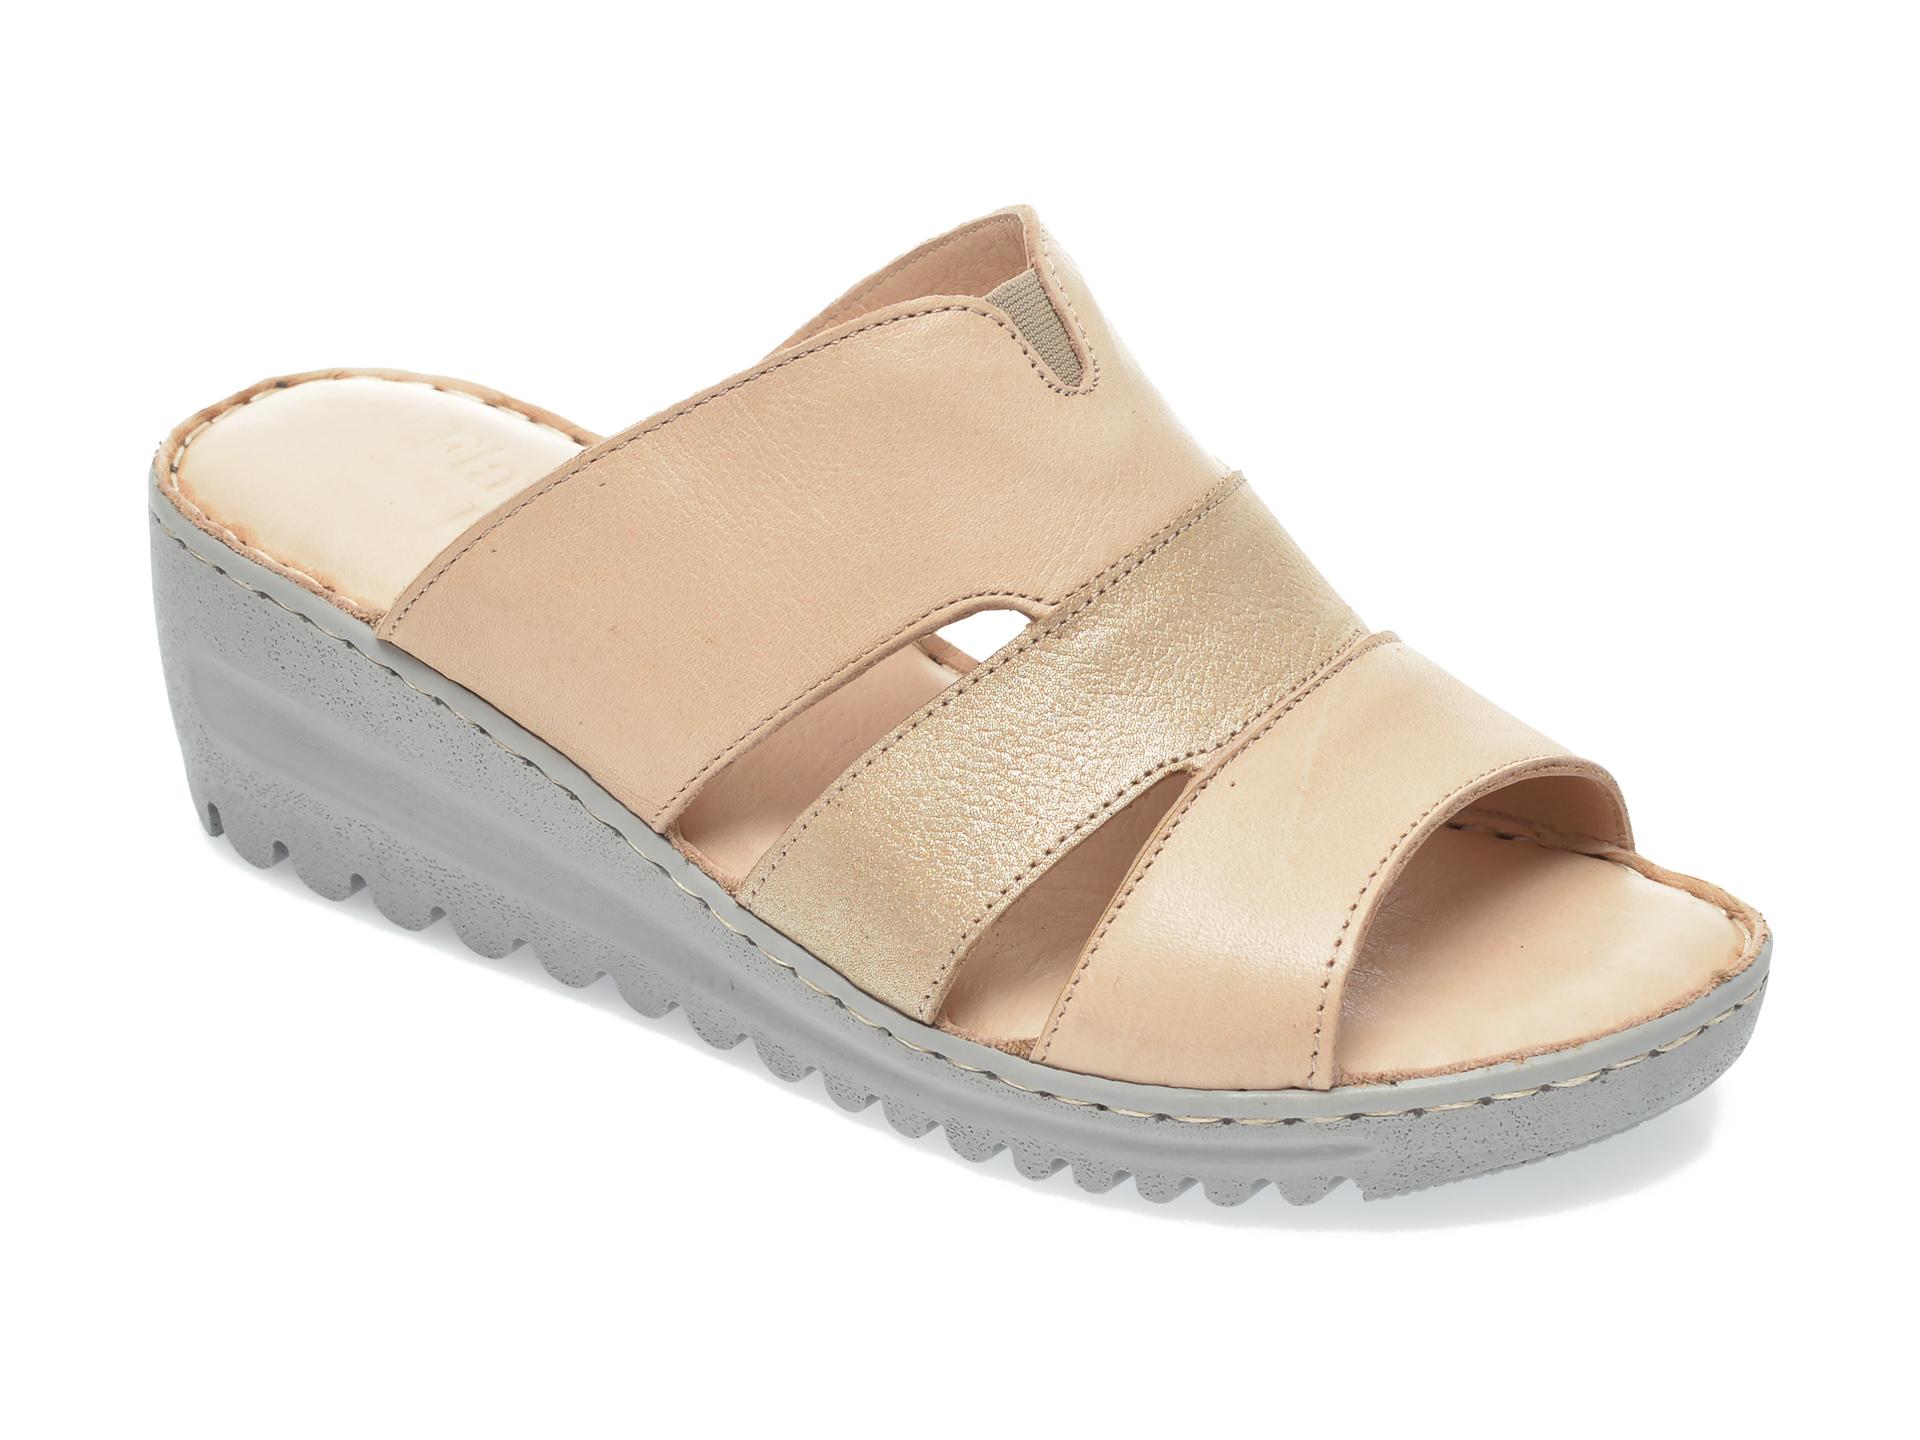 Papuci FLAVIA PASSINI bej, 10217, din piele naturala imagine 2021 Flavia Passini